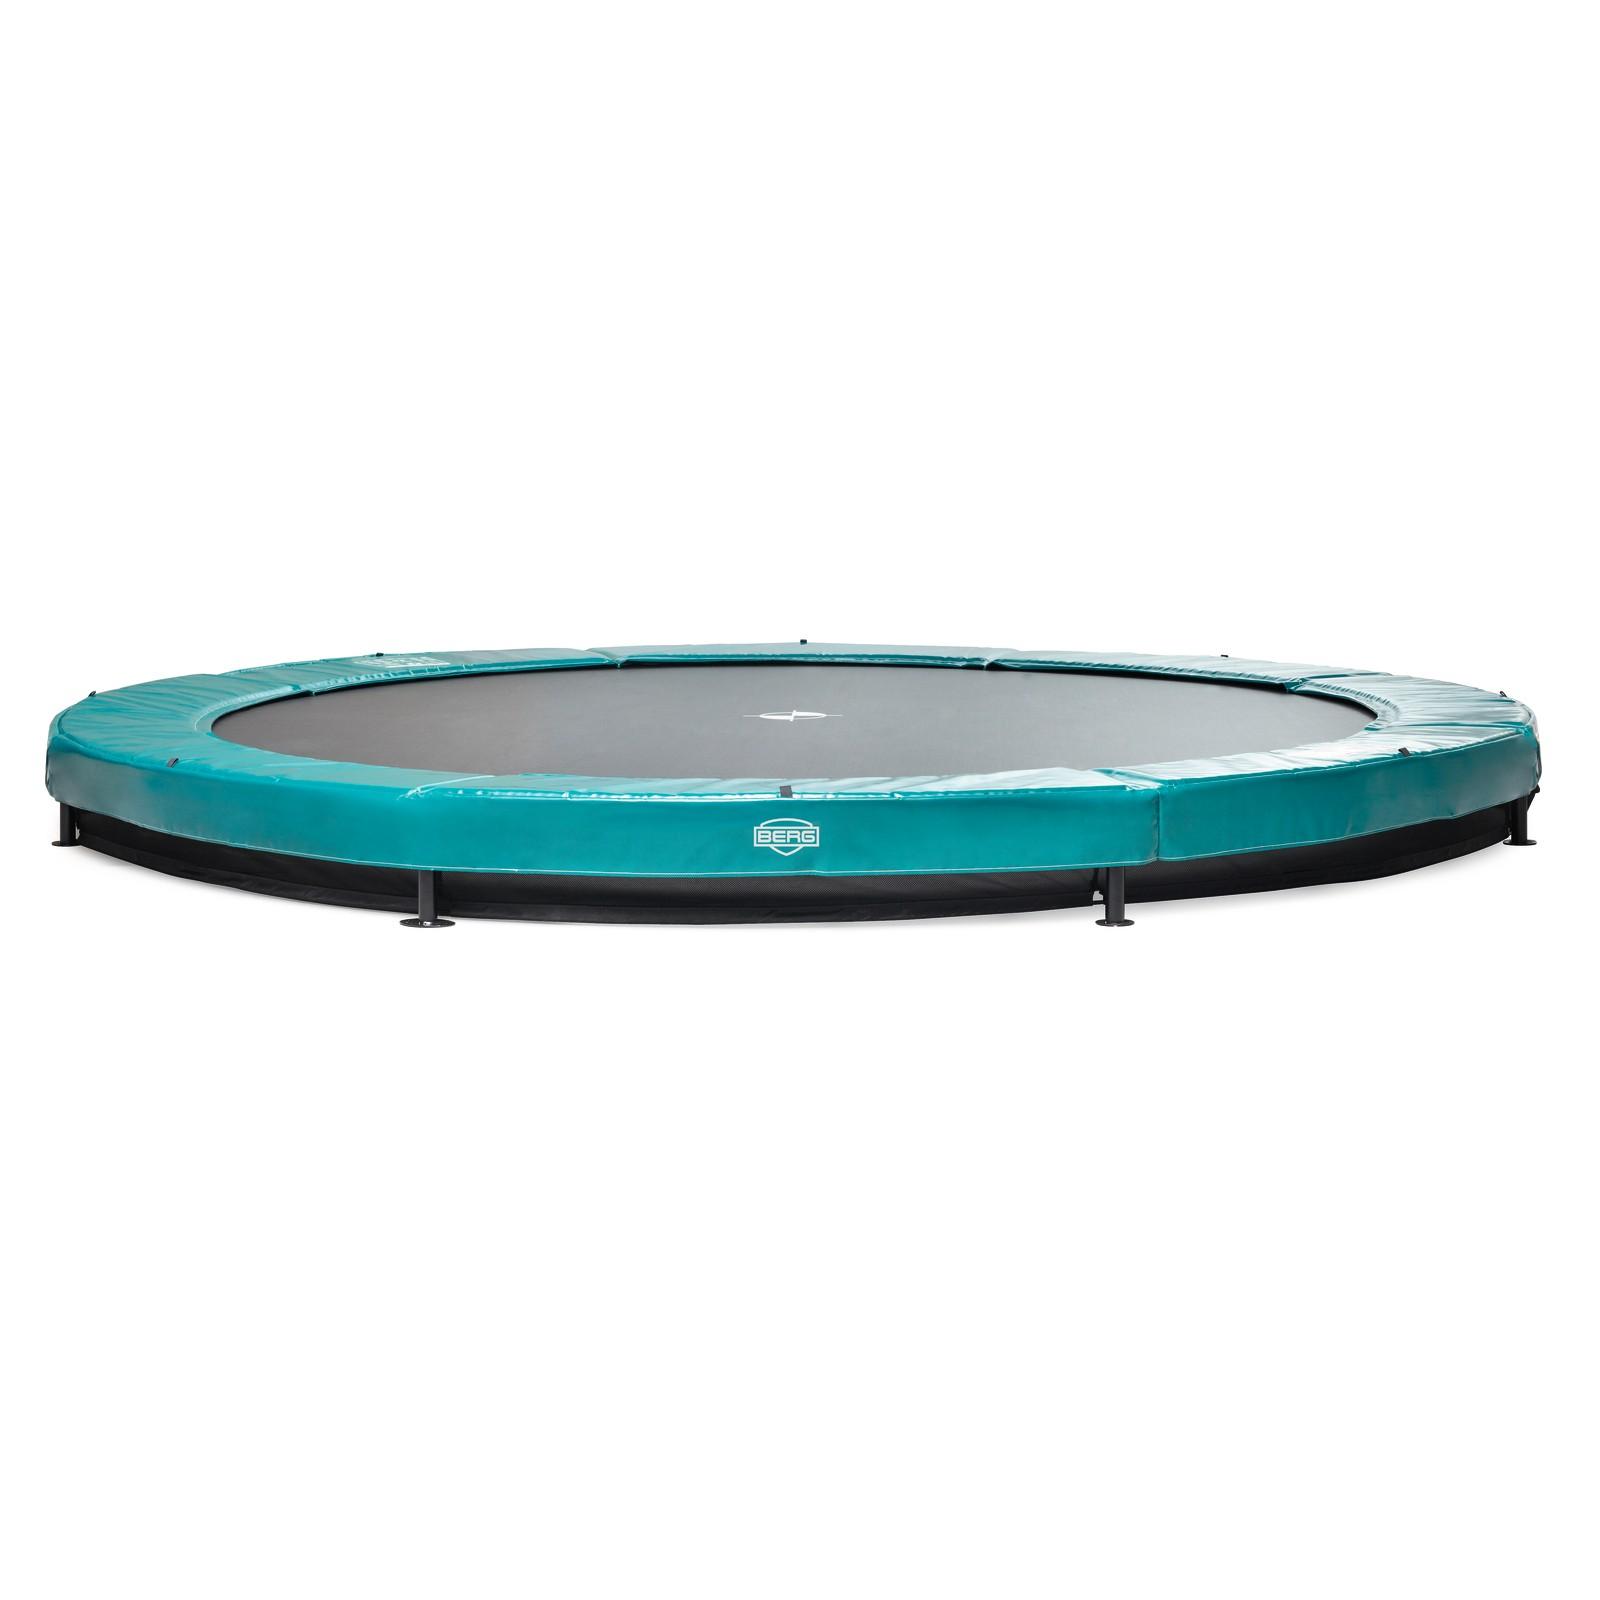 berg inground trampoline elite voordelig kopen. Black Bedroom Furniture Sets. Home Design Ideas